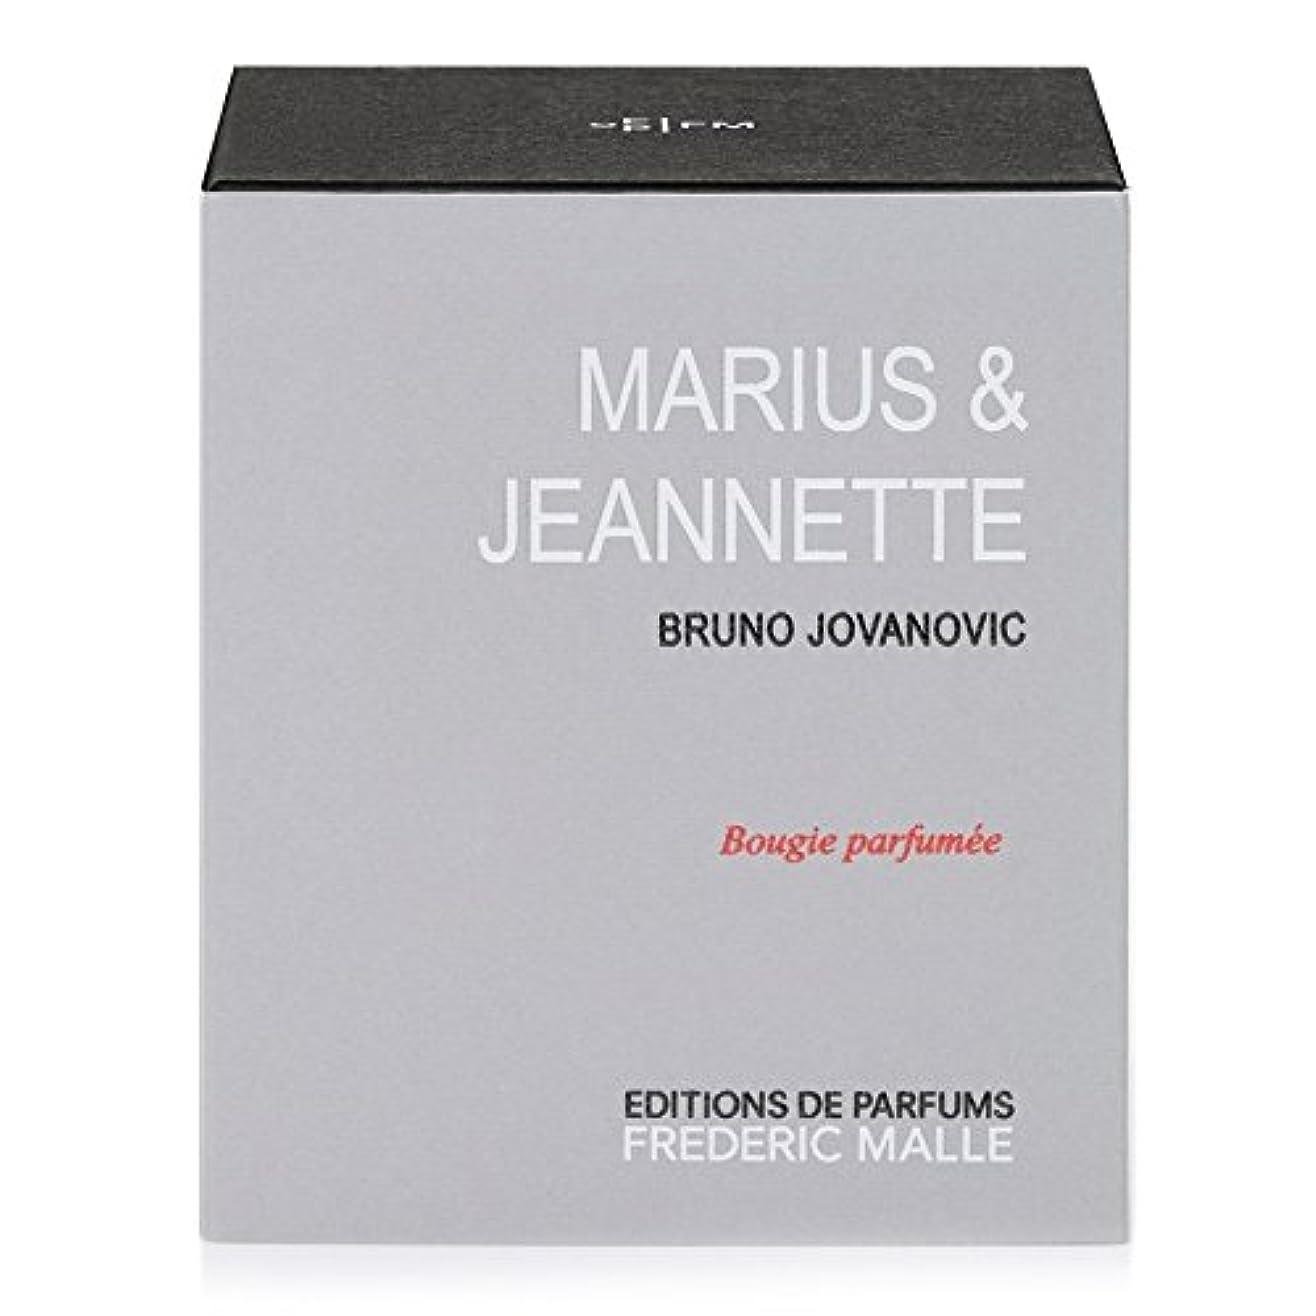 引用促すあなたが良くなりますFrederic Malle Maruis and Jeanette Scented Candle - フレデリック?マル とジャネット?香りのキャンドル [並行輸入品]